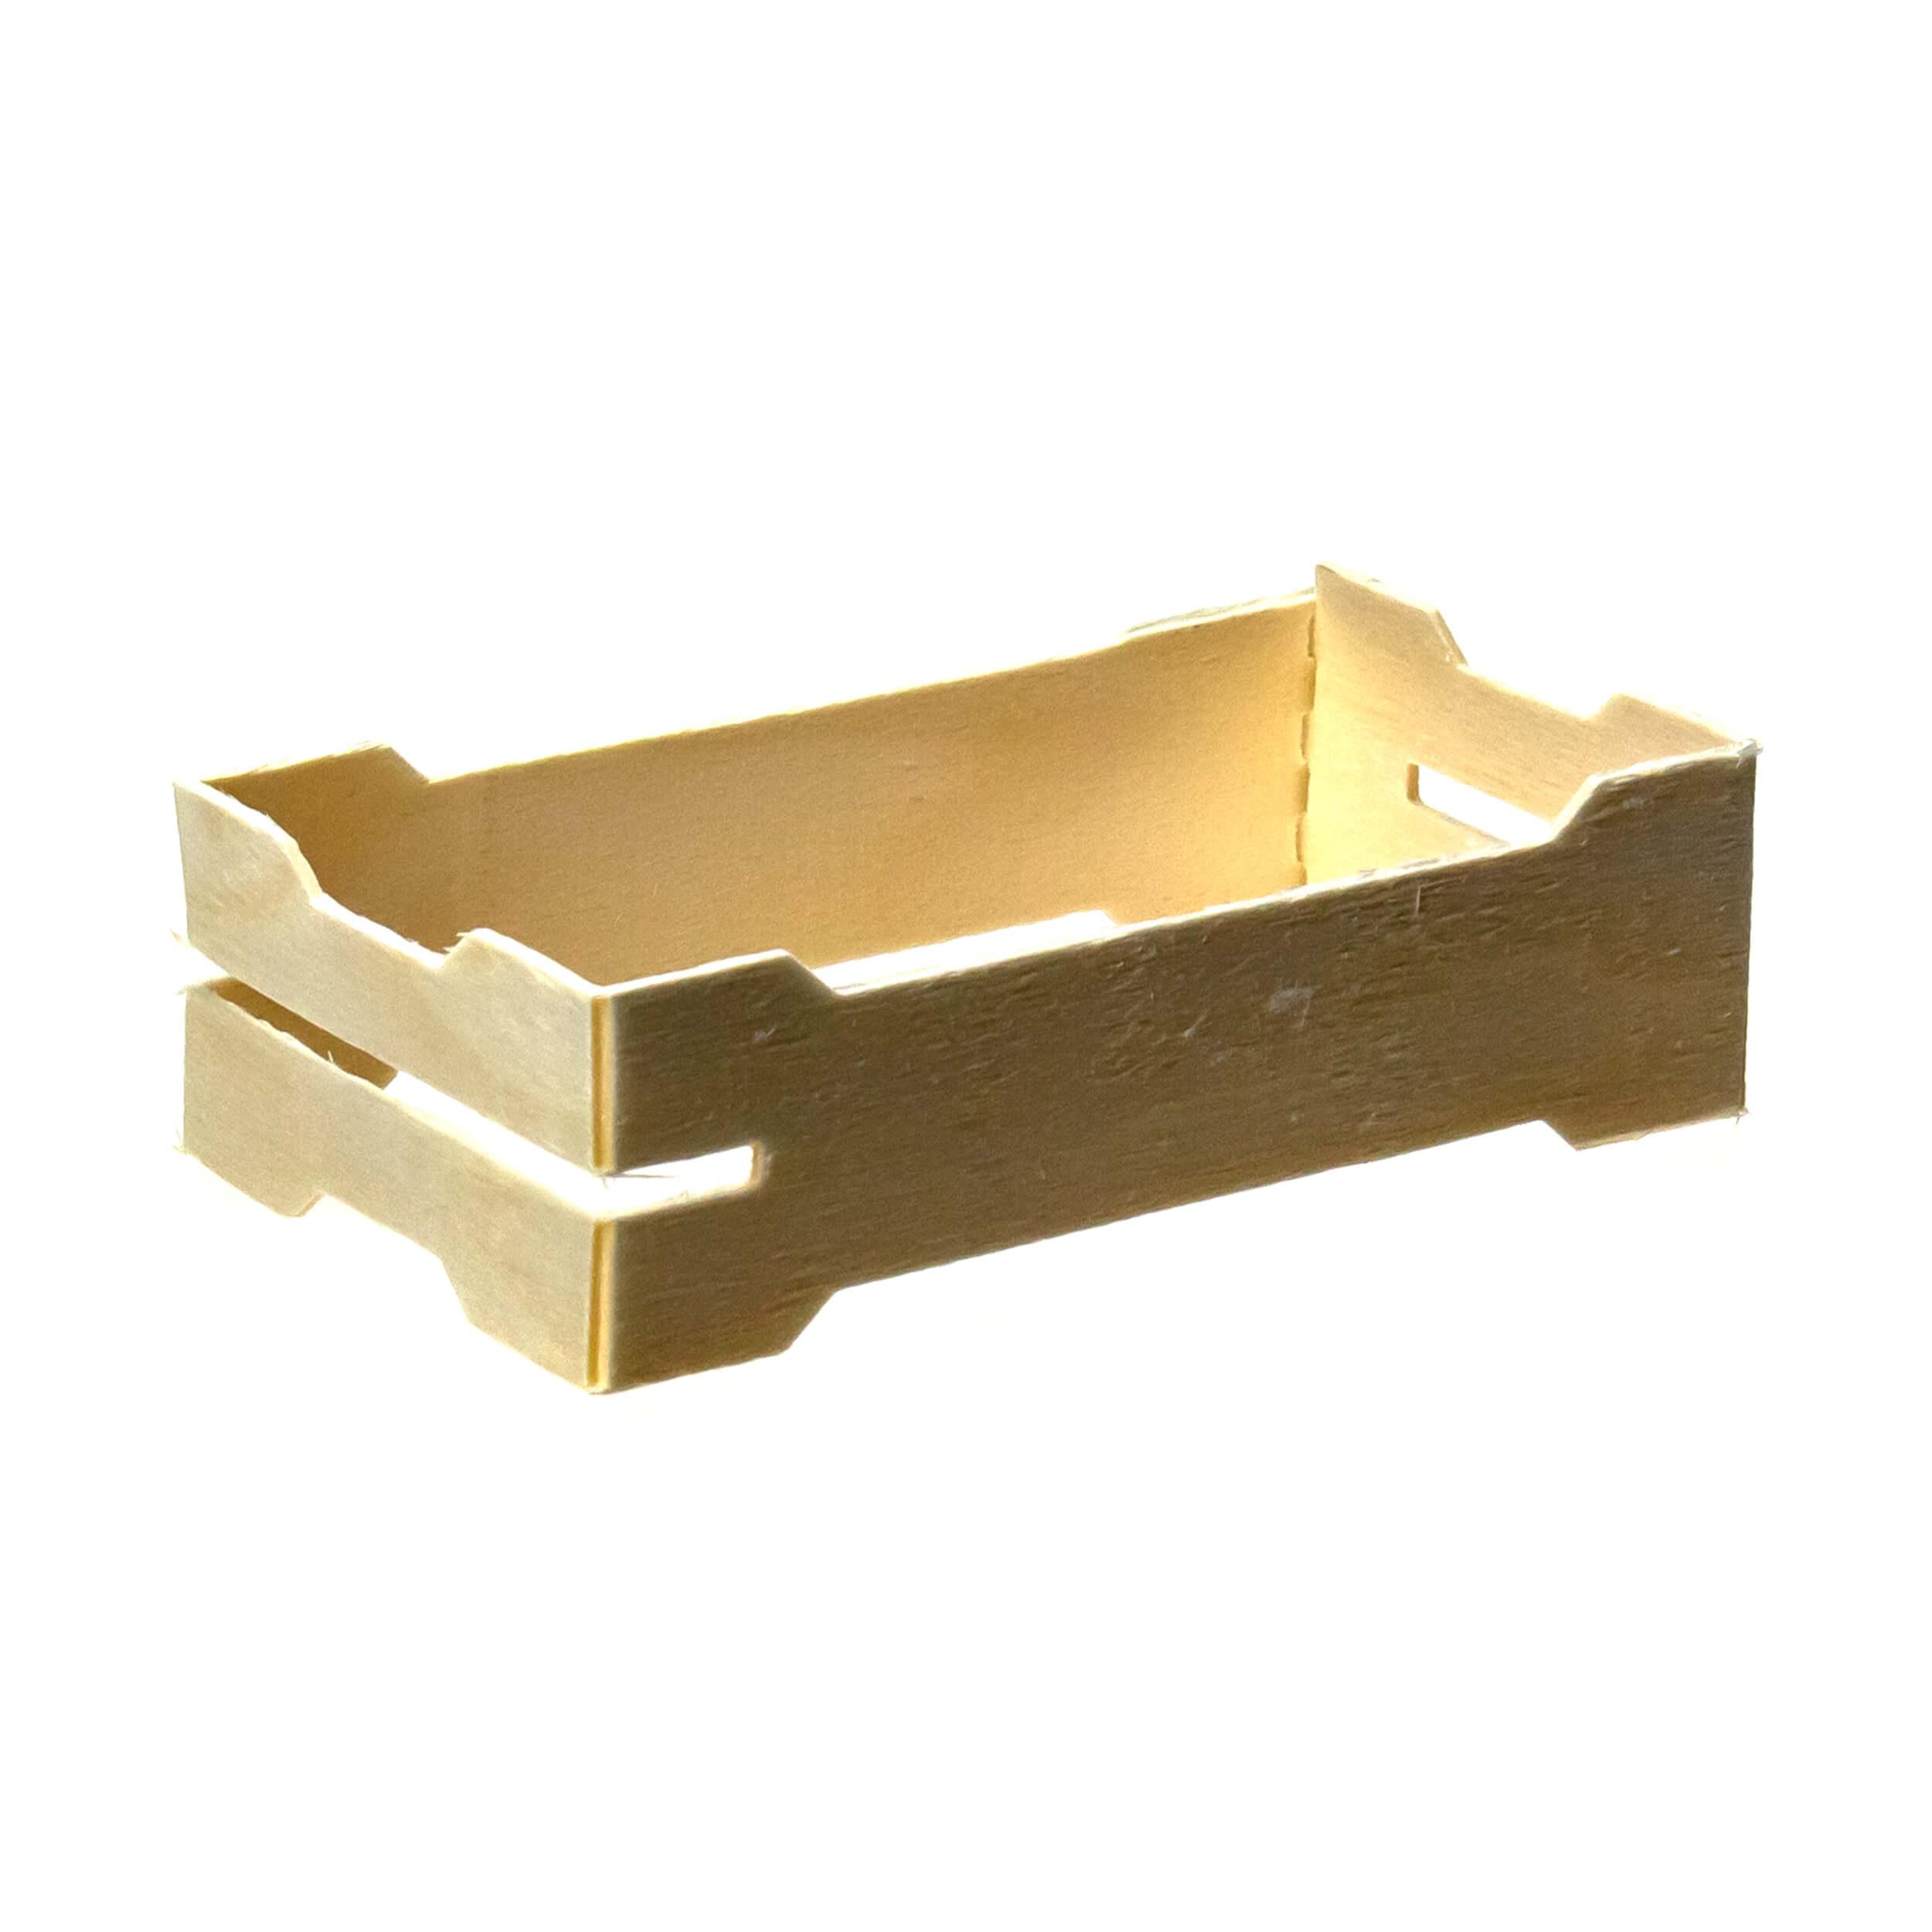 Мини рамка секционная для сотового меда (67х125х37 с верхними пазами, упаковка 50 штук) фото